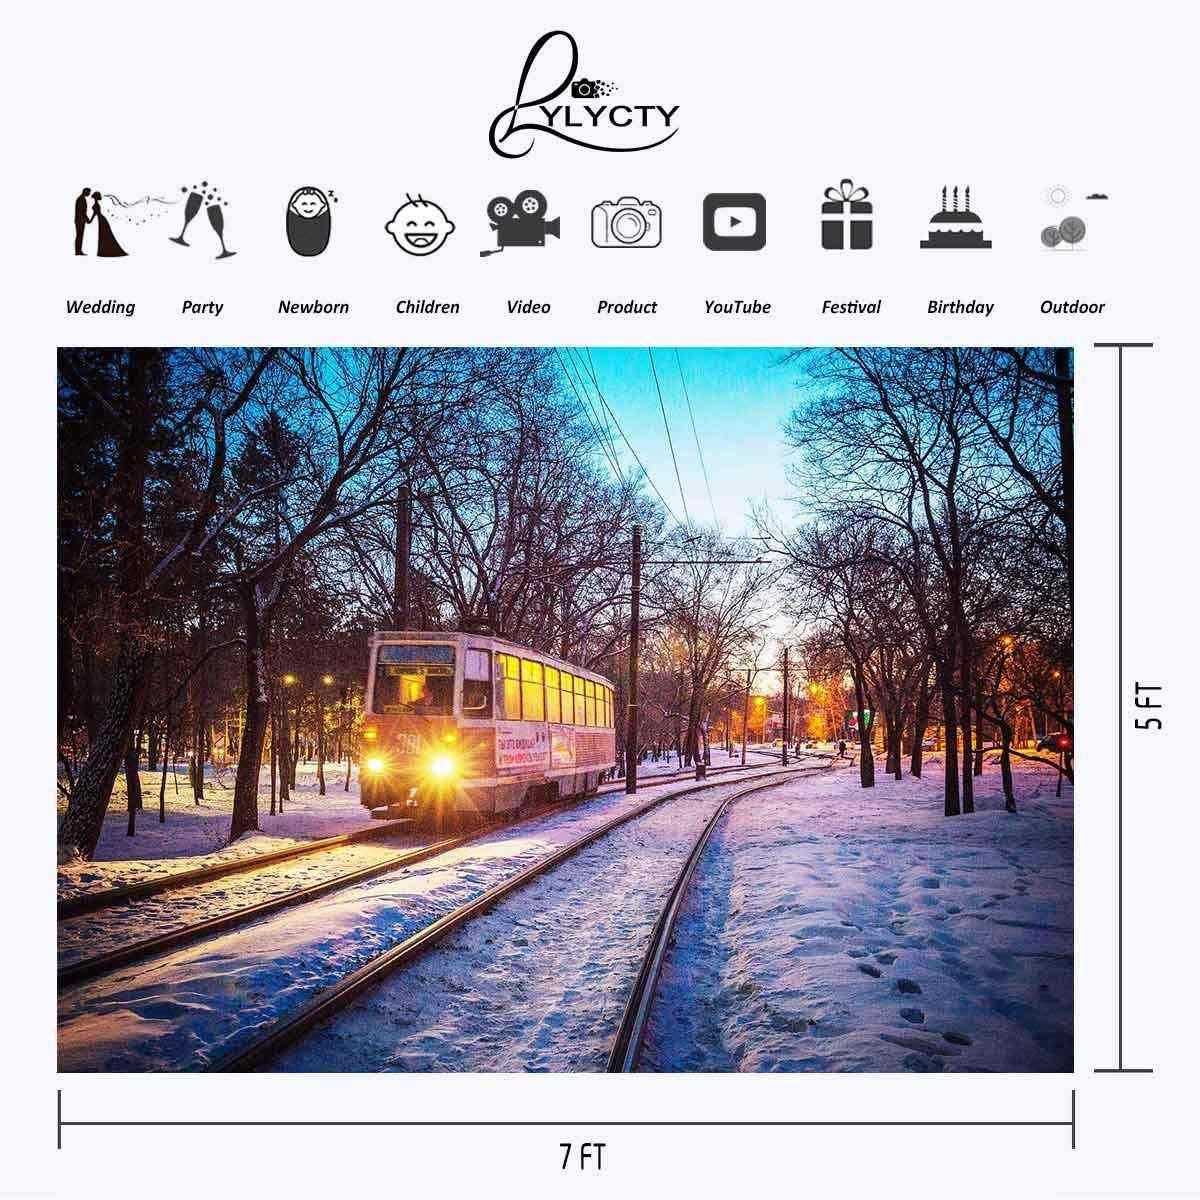 7x5ft Зимний снег фон бегущий поезд утренний парк фотография фон